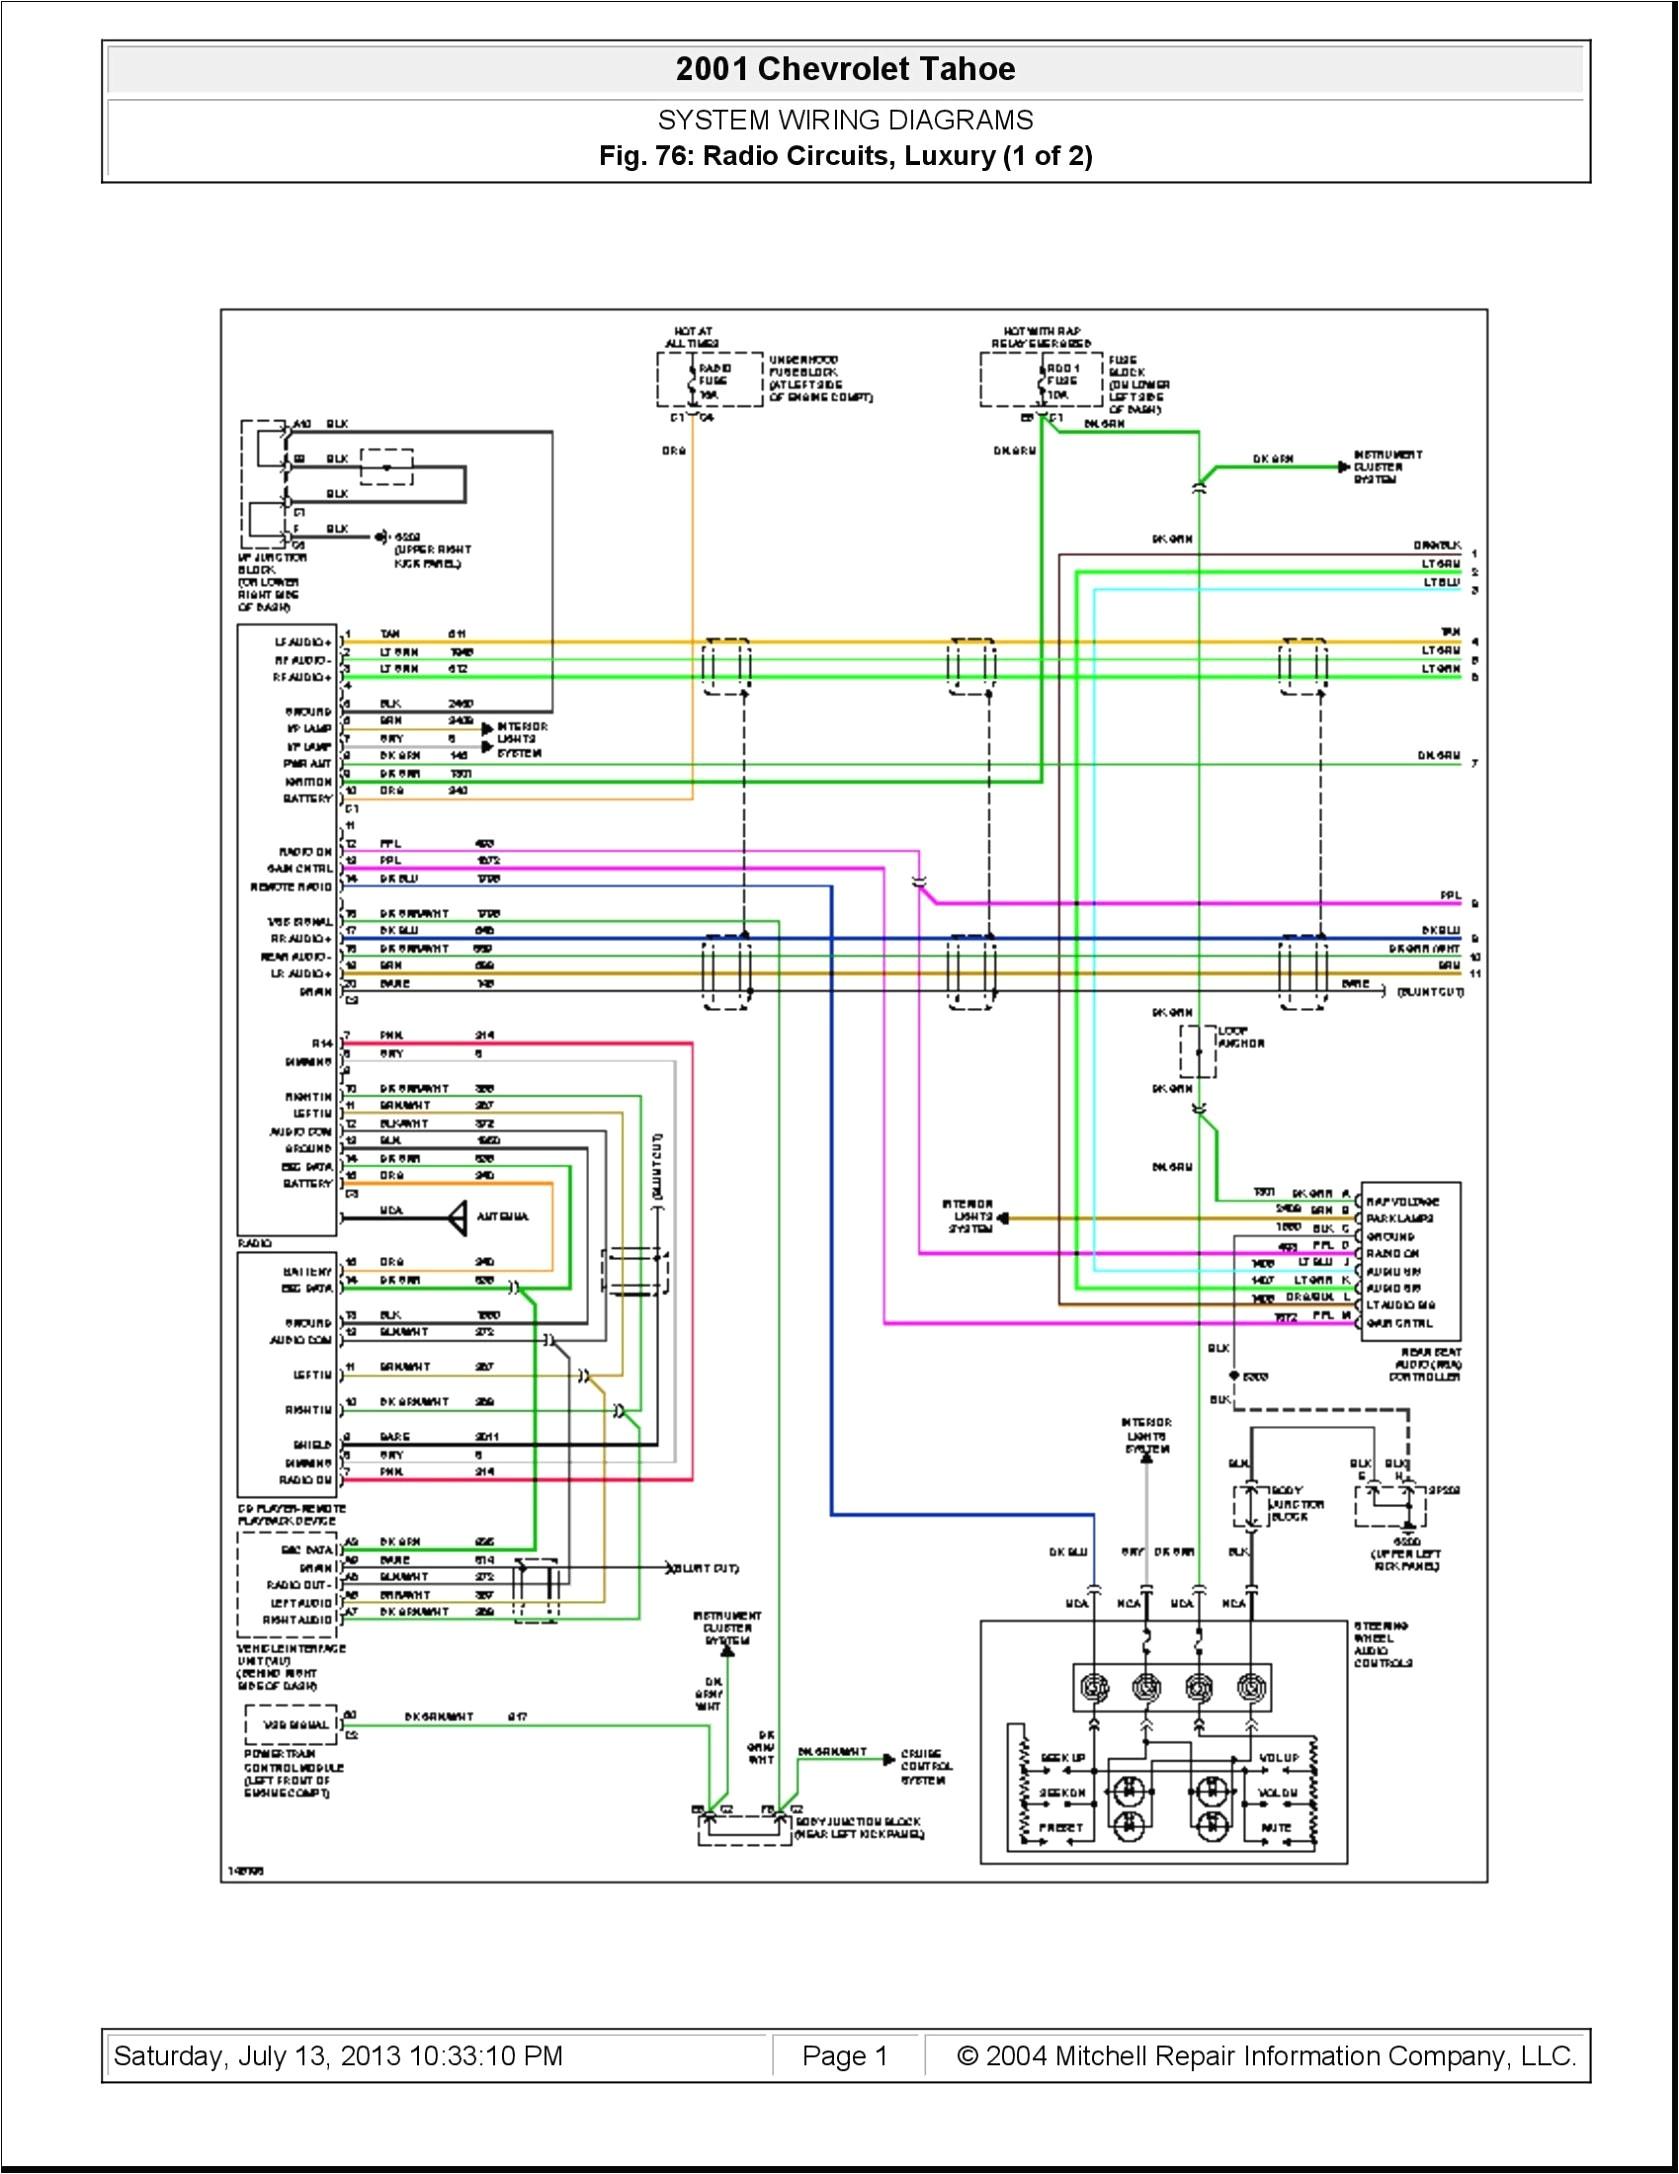 tail light wiring harness chevy malibu wiring diagram data name tail light wiring harness chevy malibu